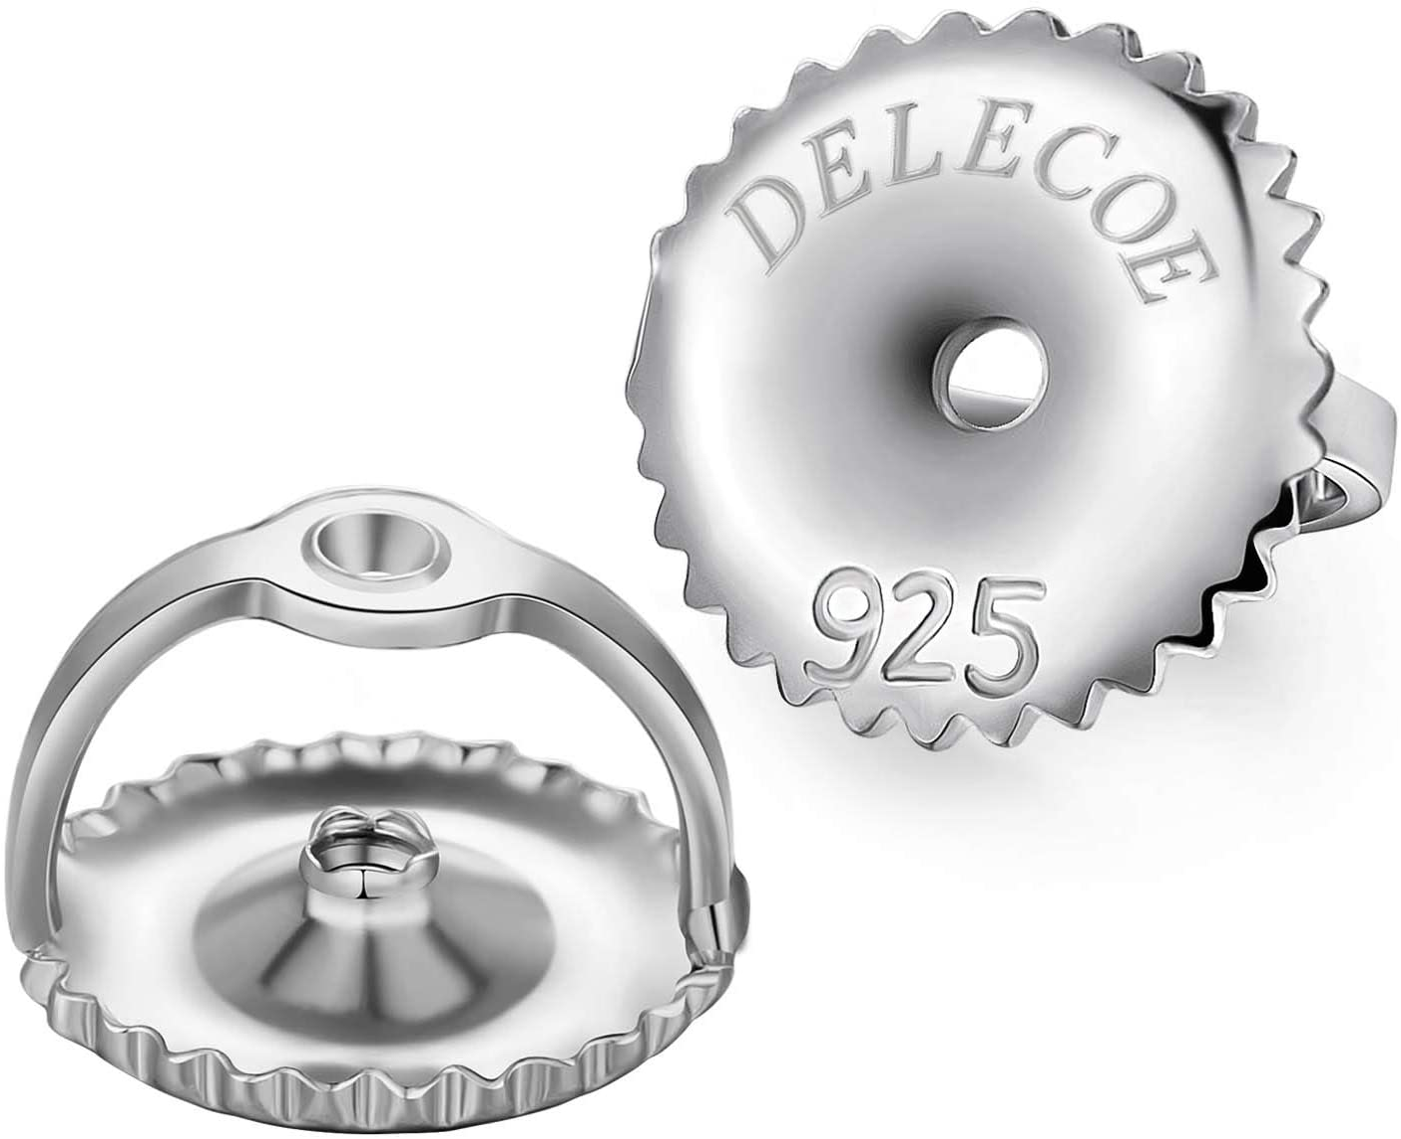 3. DELECOE Sterling Silver Earring Backs